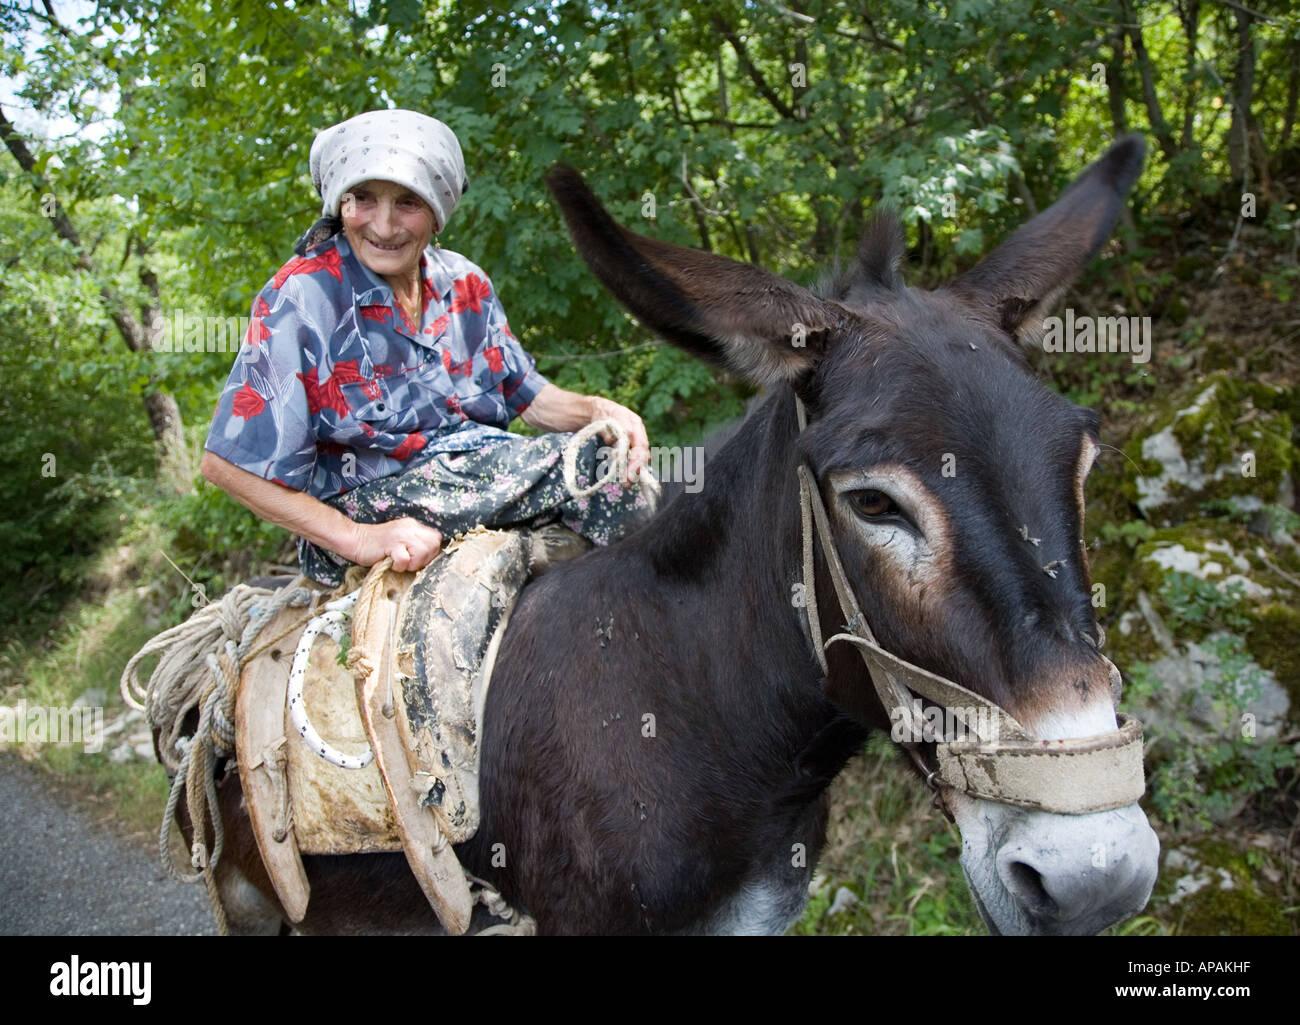 Old Lady With Donkey Sepina Italy - Stock Image